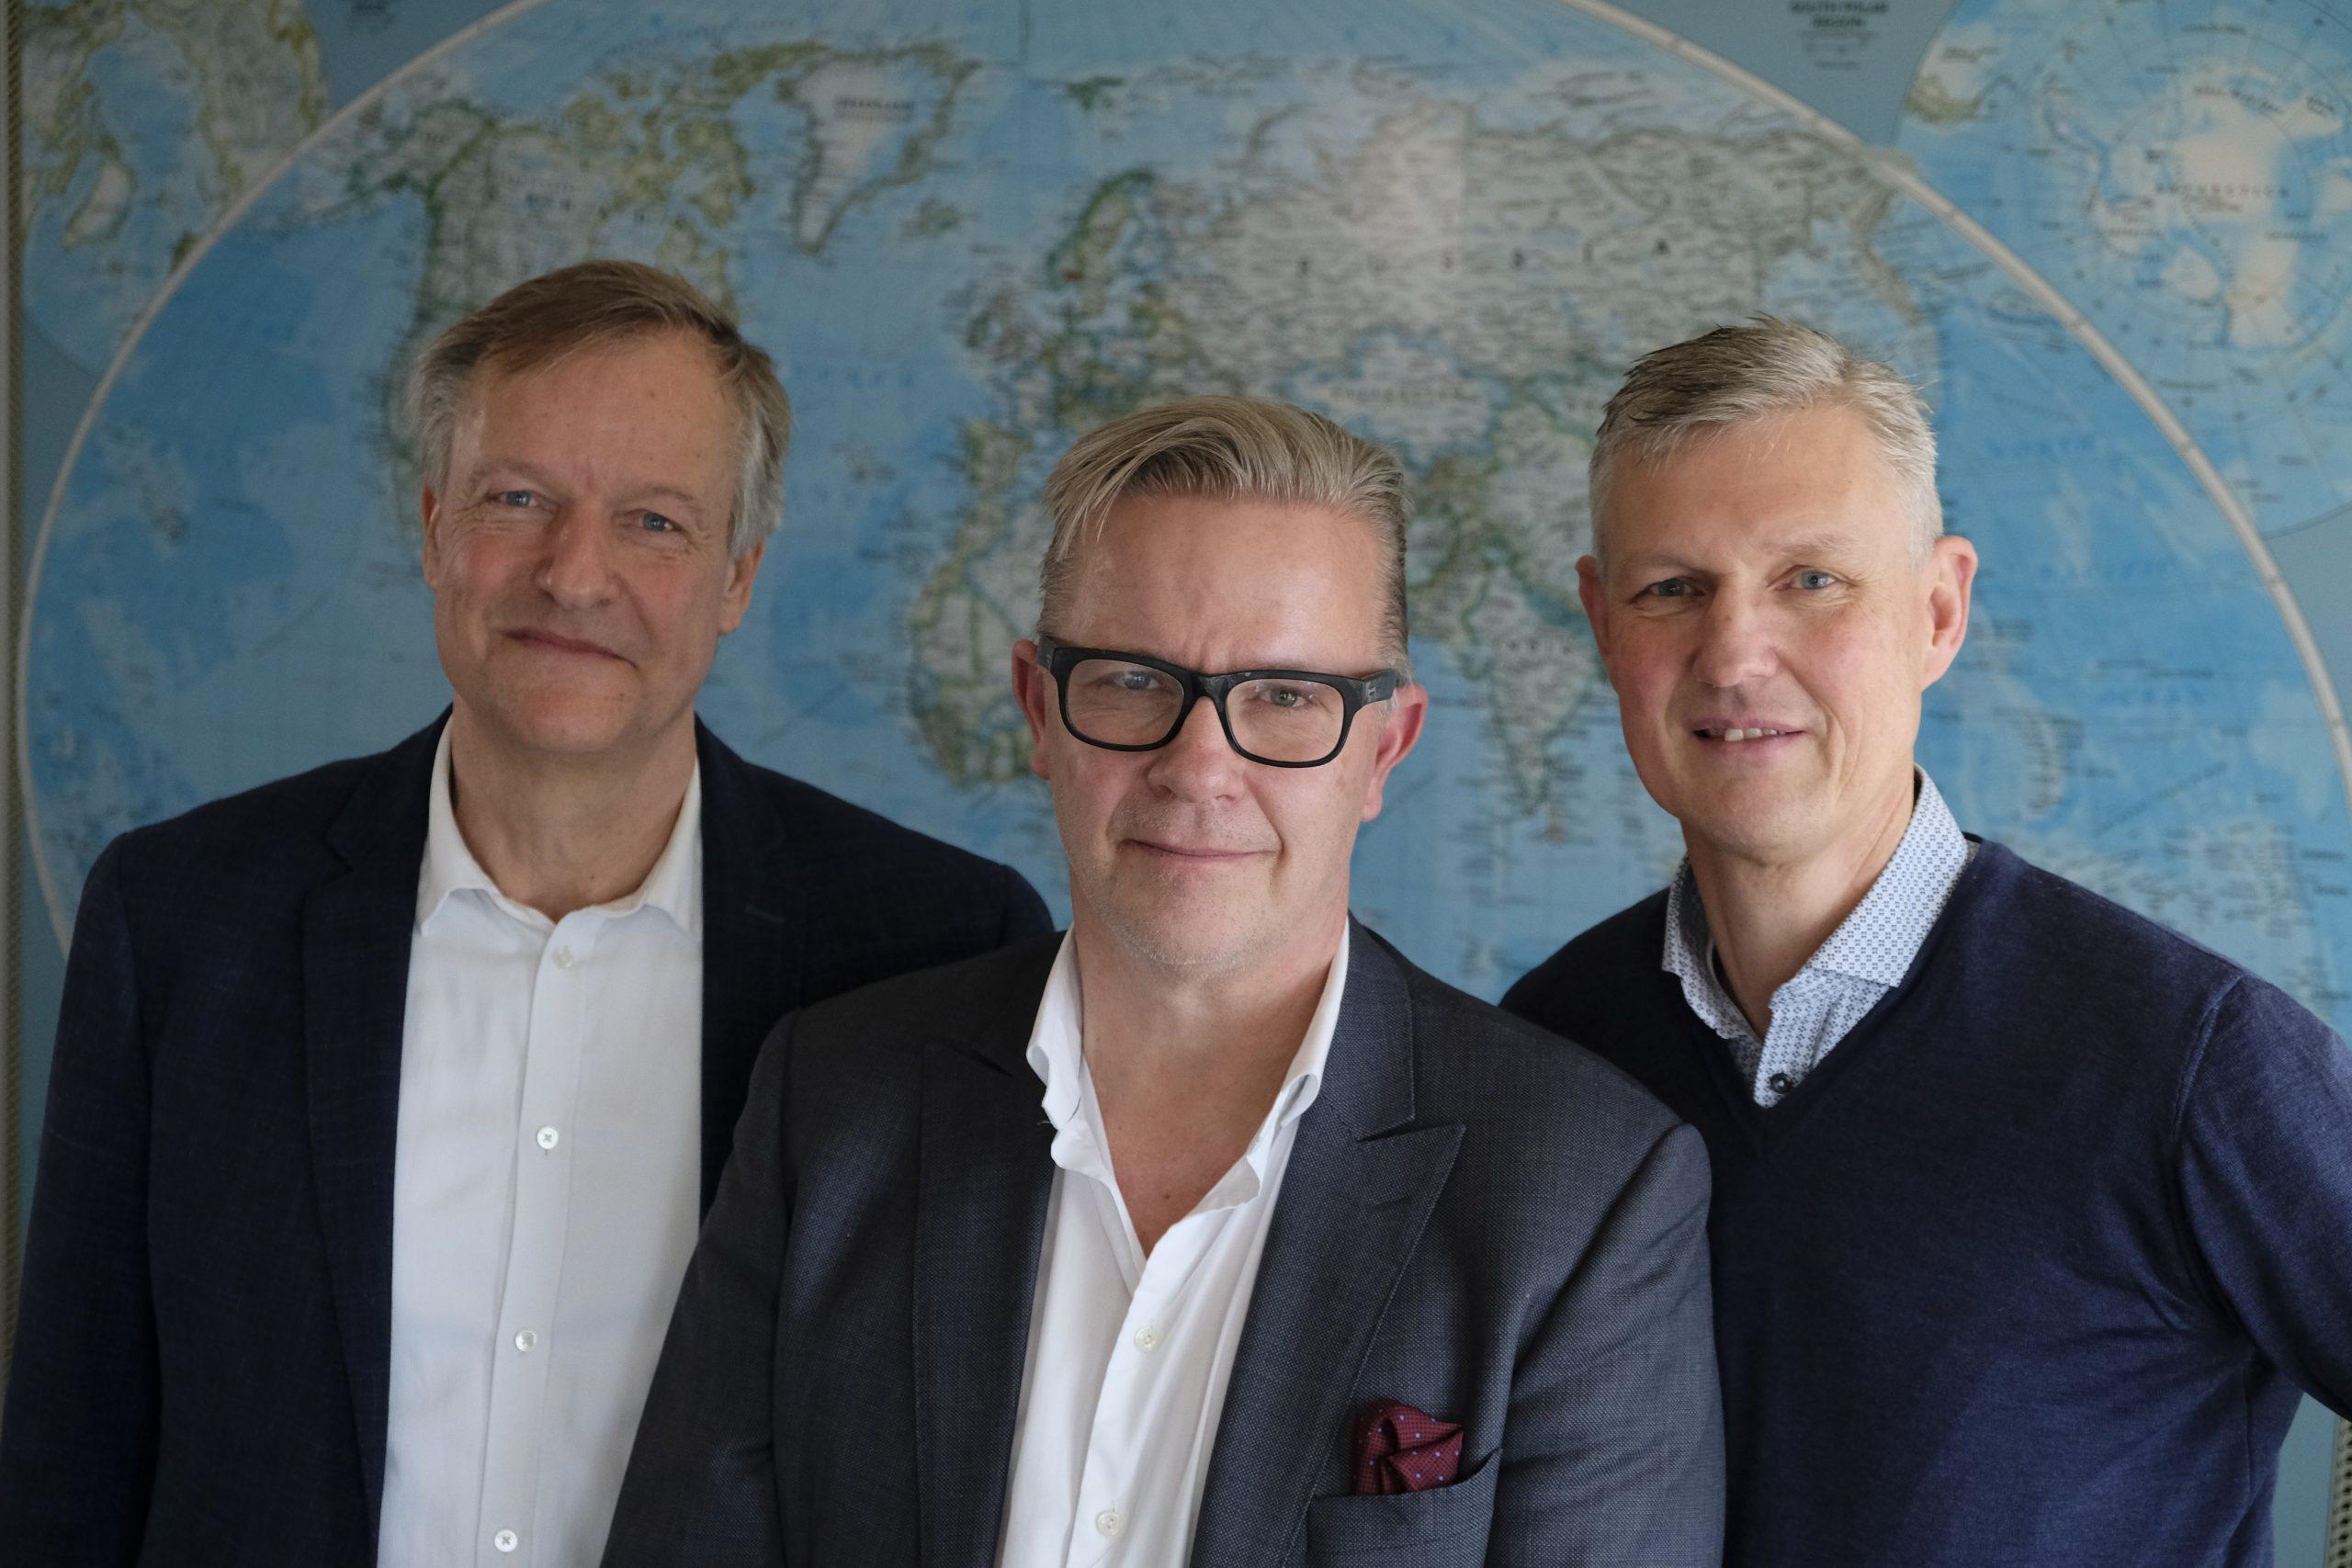 Koncernchef for Nordic Leisure Travel Group, Magnus Wikner, i midten, ved fredagens vagtskifte på Sunclass Airlines' hovedkvarter i Københavns Lufthavn. Til venstre den midlertidige nye administrerende direktør for flyselskabet, Torben Østergaard, og til højre den netop fratrådte, Per Knudsen. Pressefoto: Sunclass Airlines.